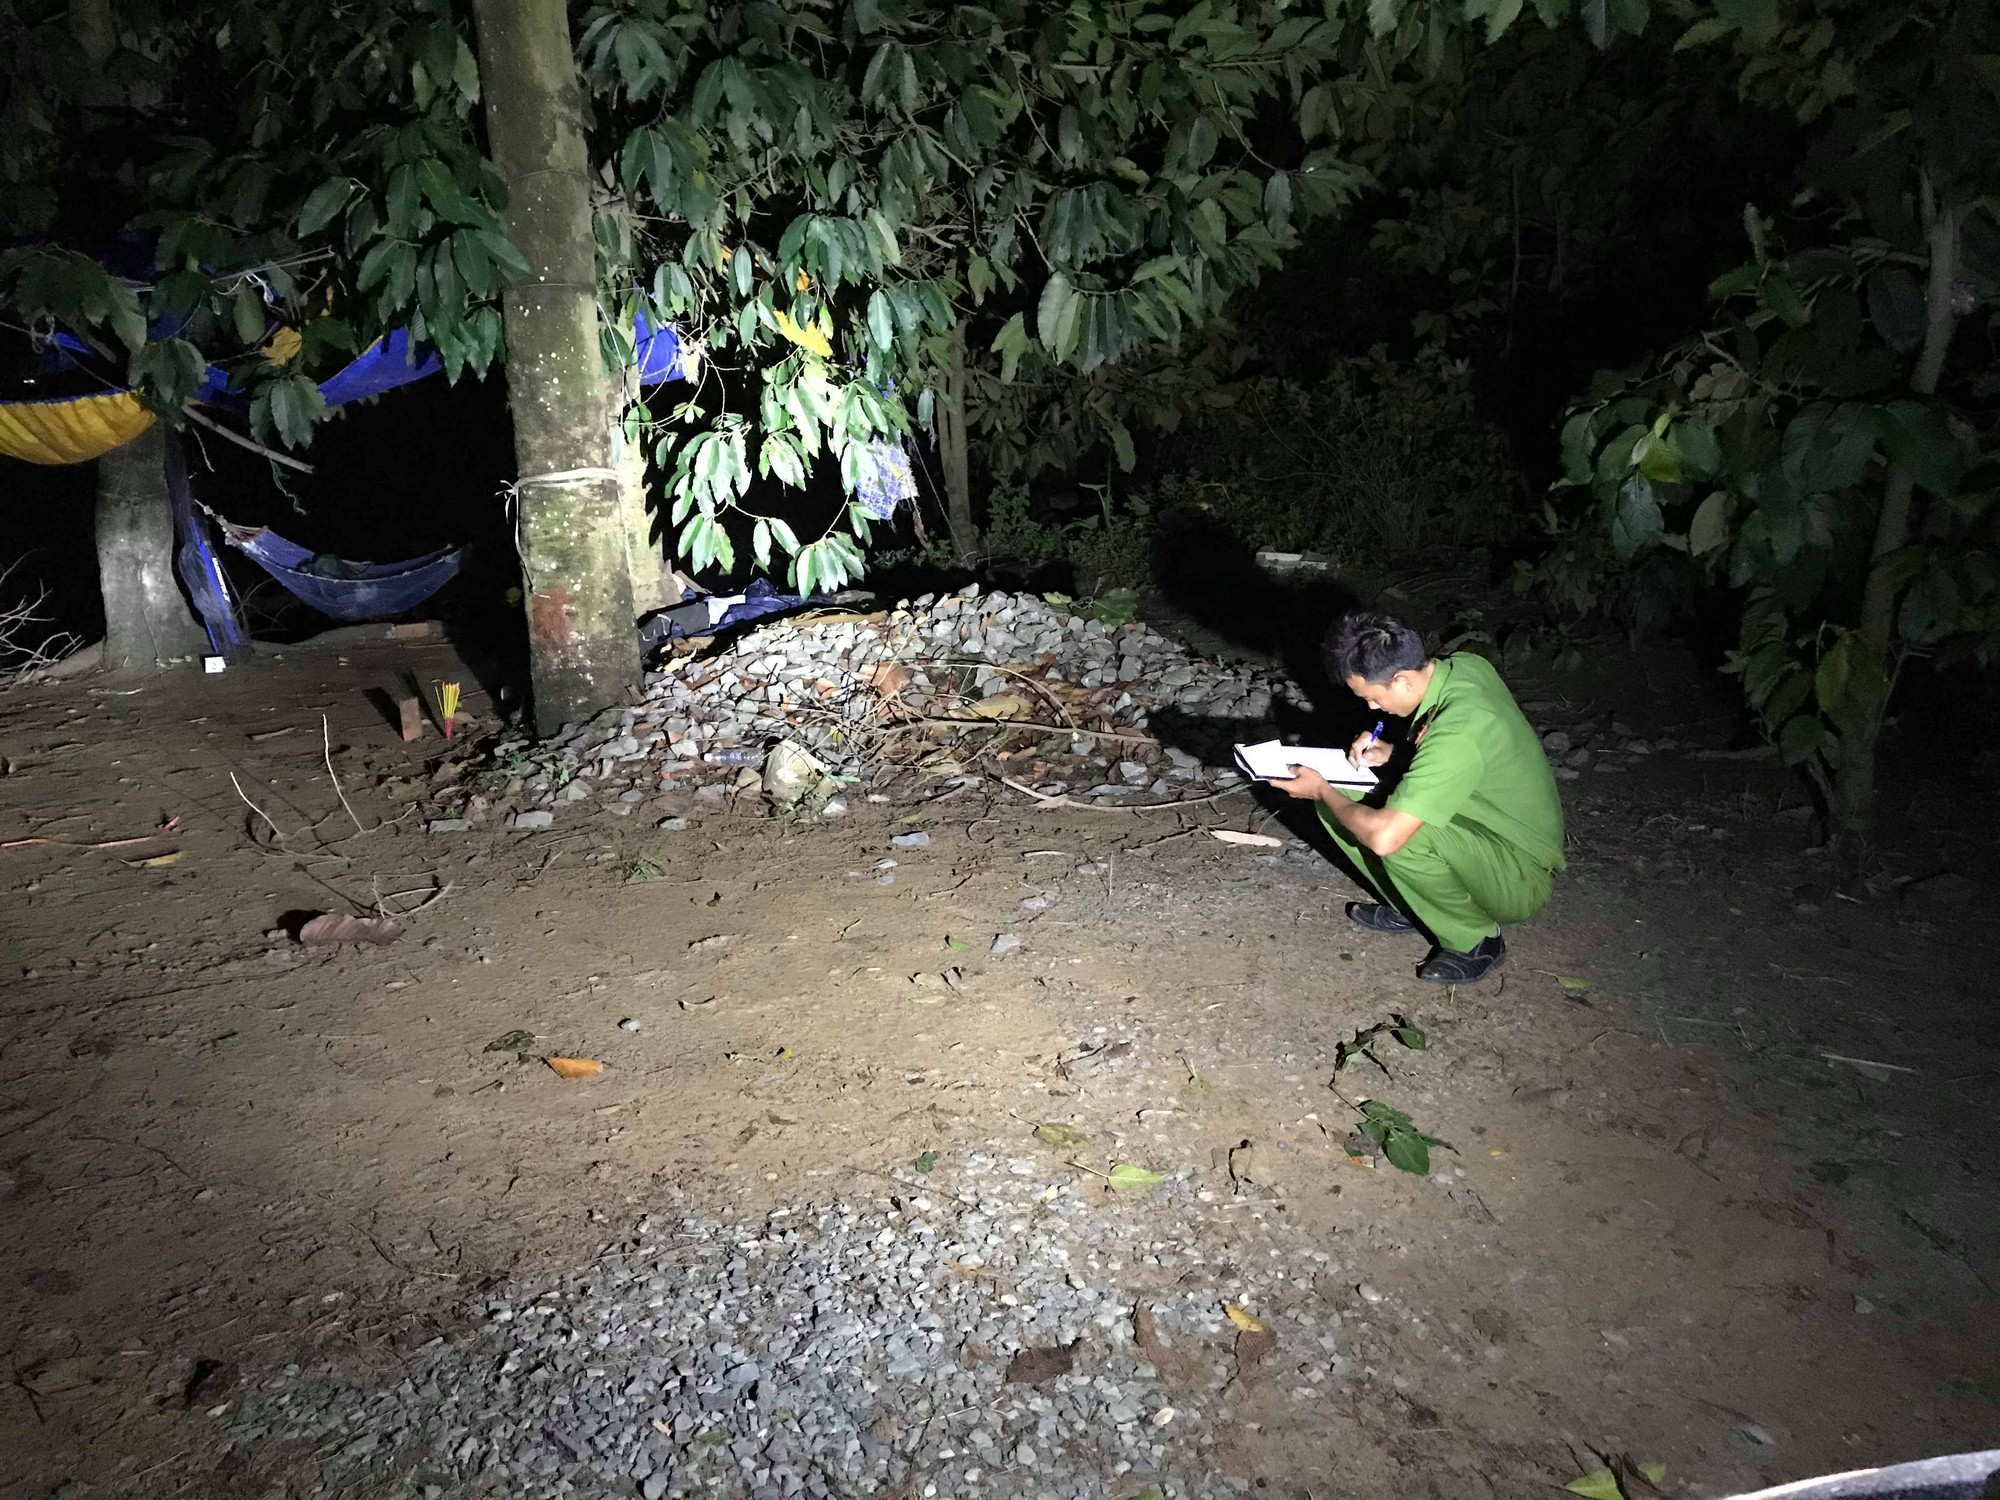 Nam thanh niên chết bí ẩn gần một ngôi miếu bên sông ở Sài Gòn - Ảnh 2.